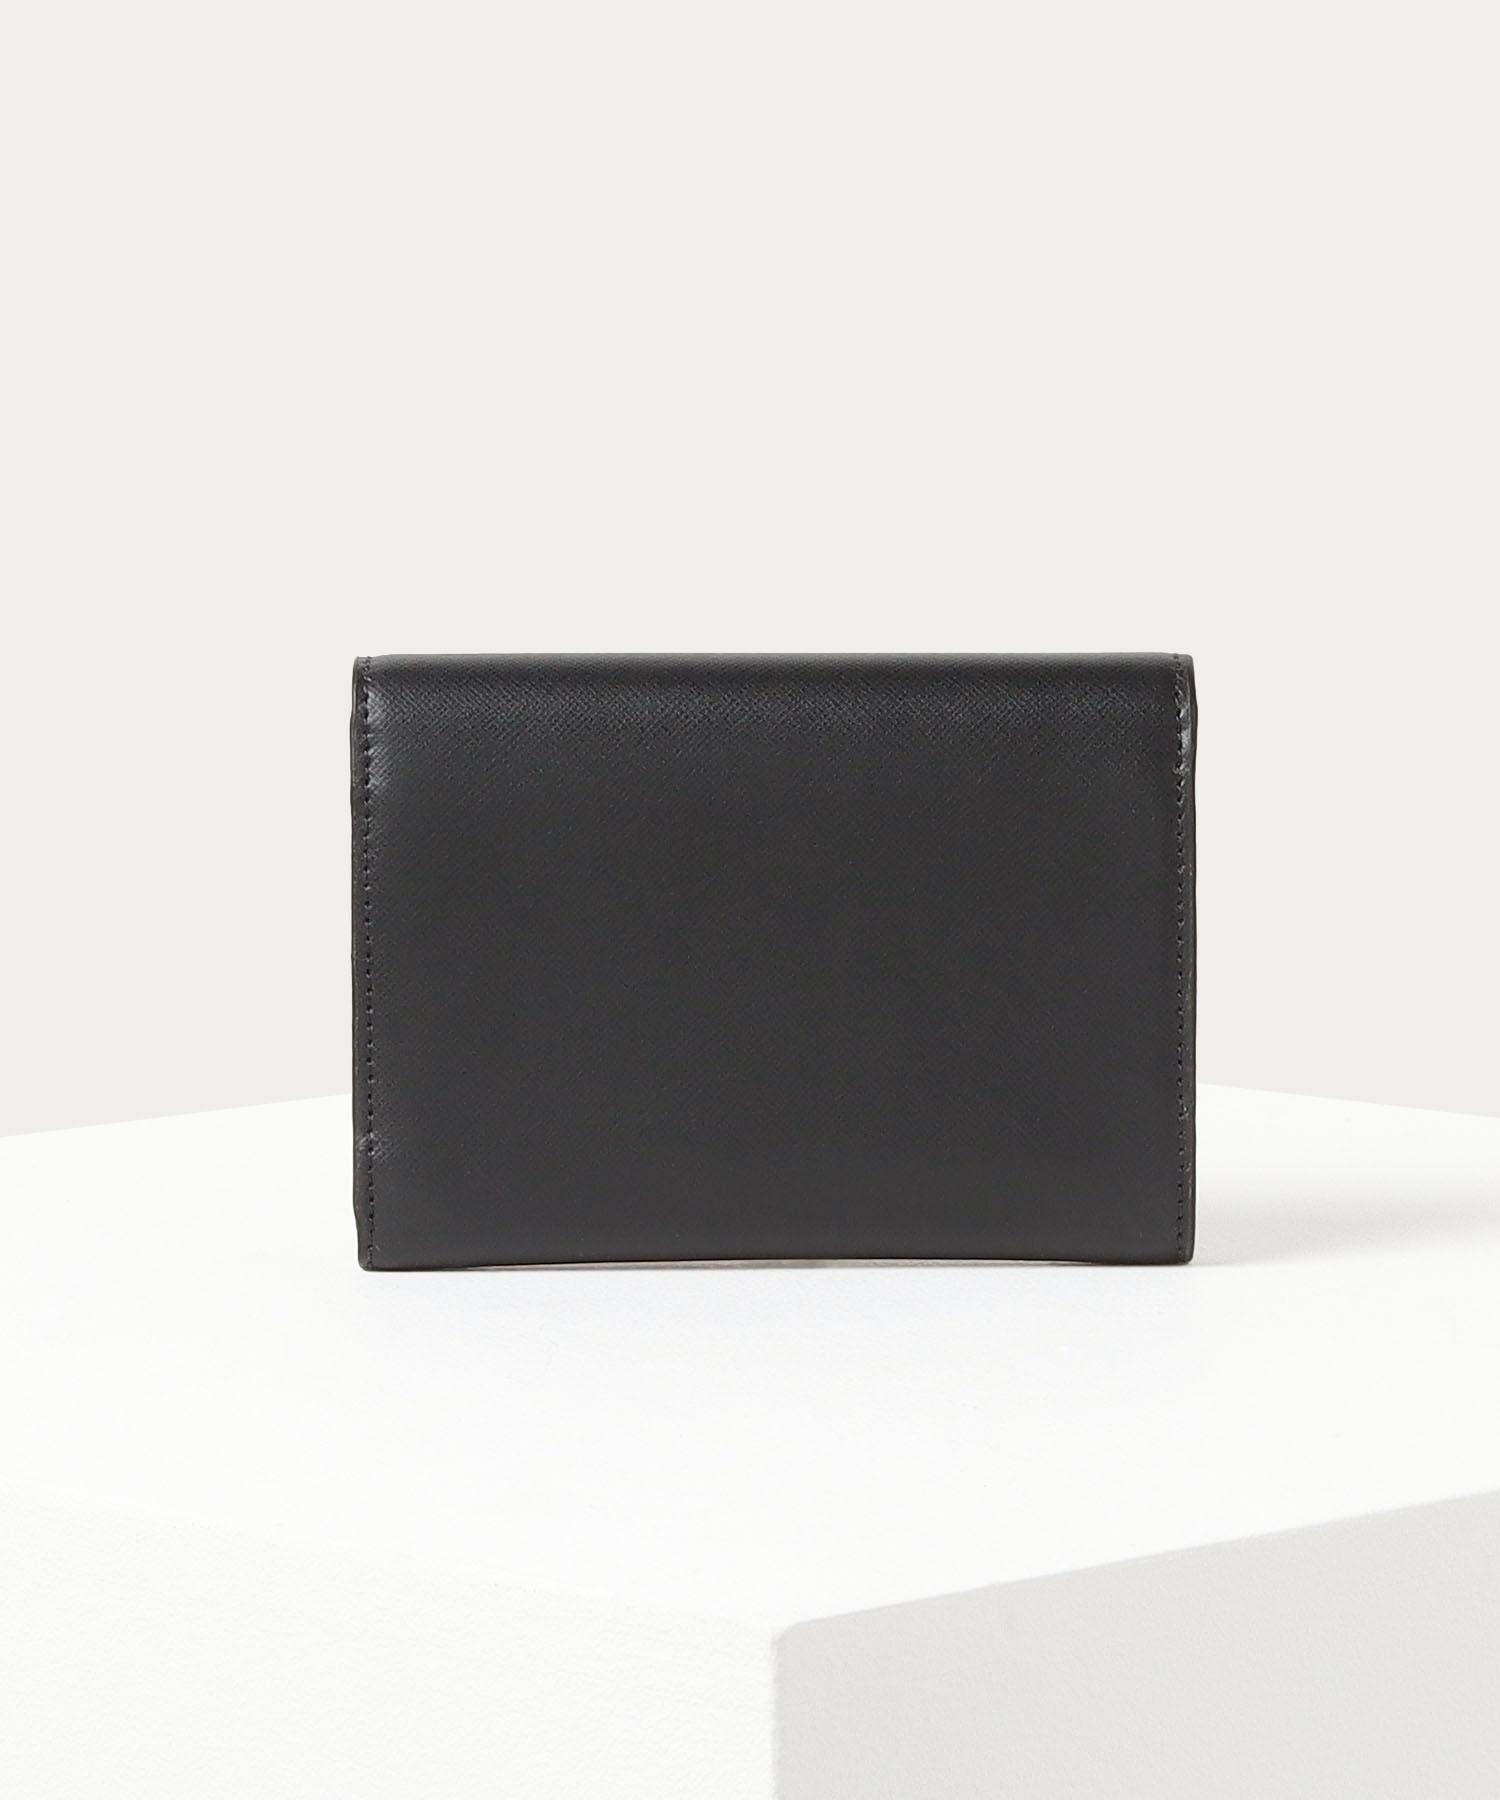 DEBBIE 三つ折り財布